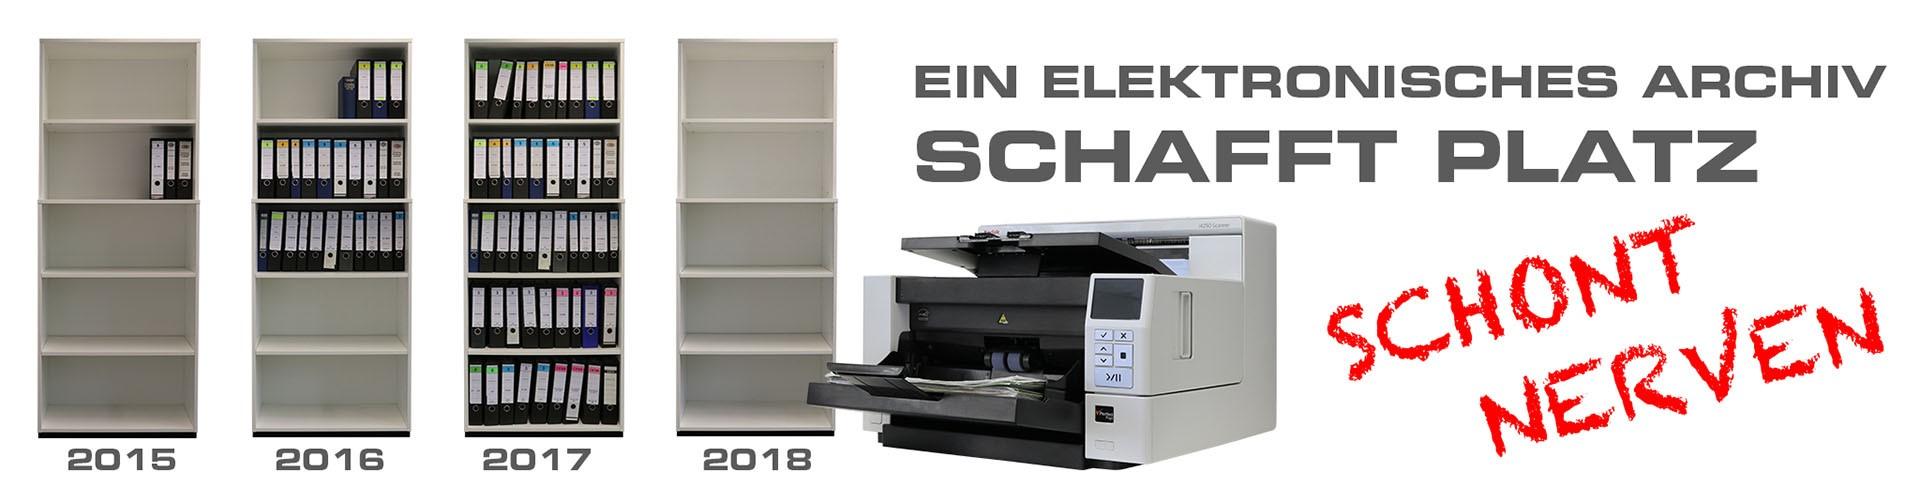 Einfache Archivierung mit Hilfe von Dokumentenscannern